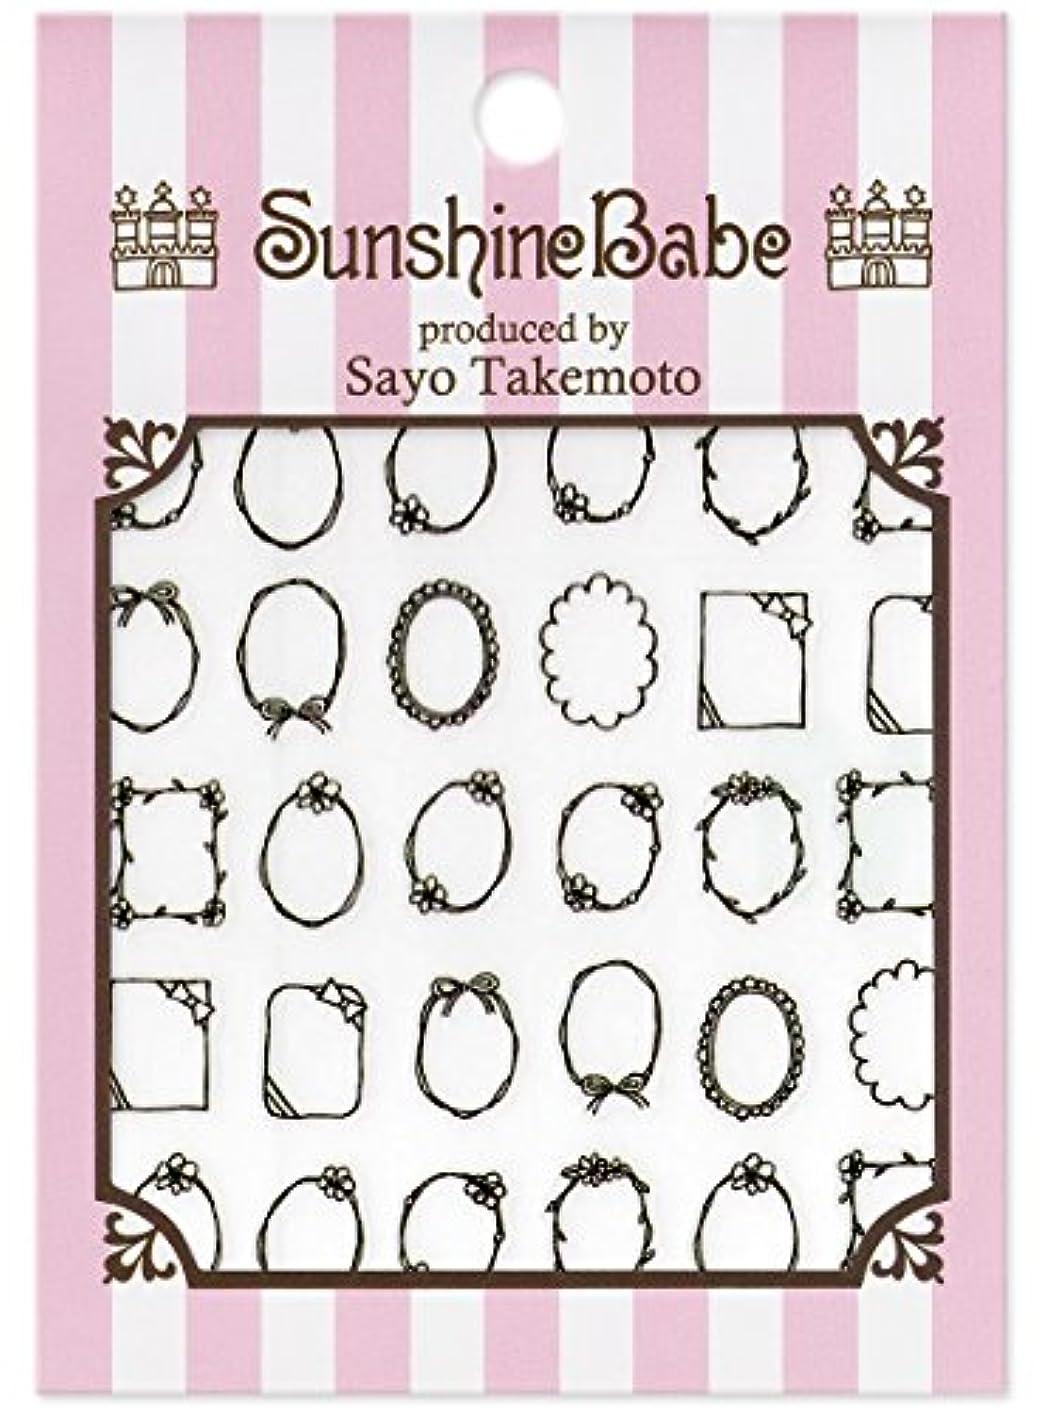 送る多年生ゼリーサンシャインベビー ネイルシール 武本小夜の Sayo Style 手描きフレーム(ブラック)